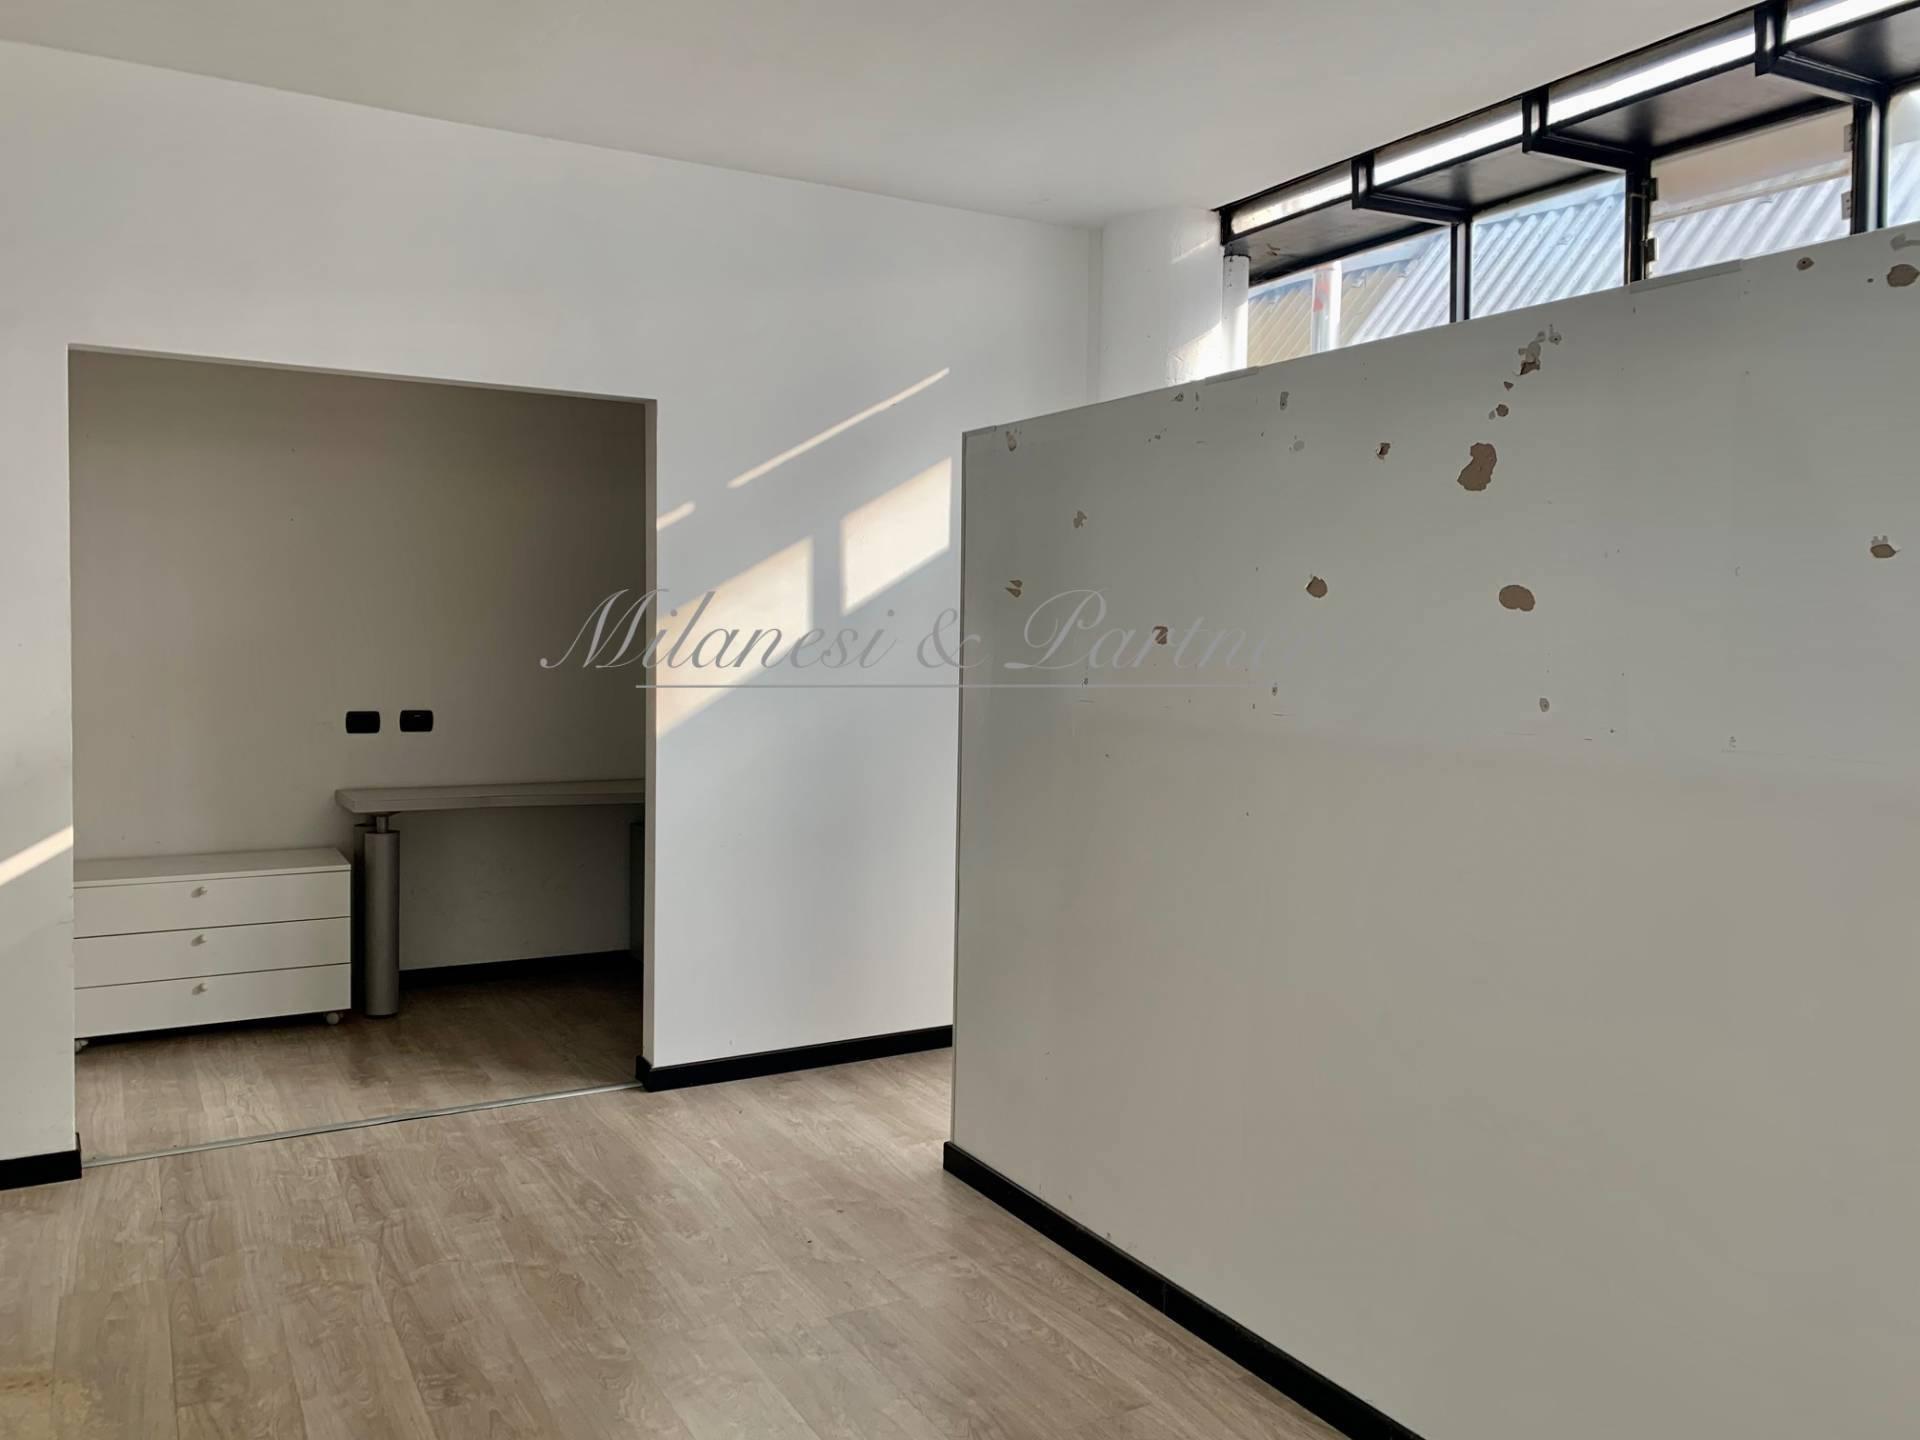 Studio/Ufficio in Affitto a Bergamo Cod. 62